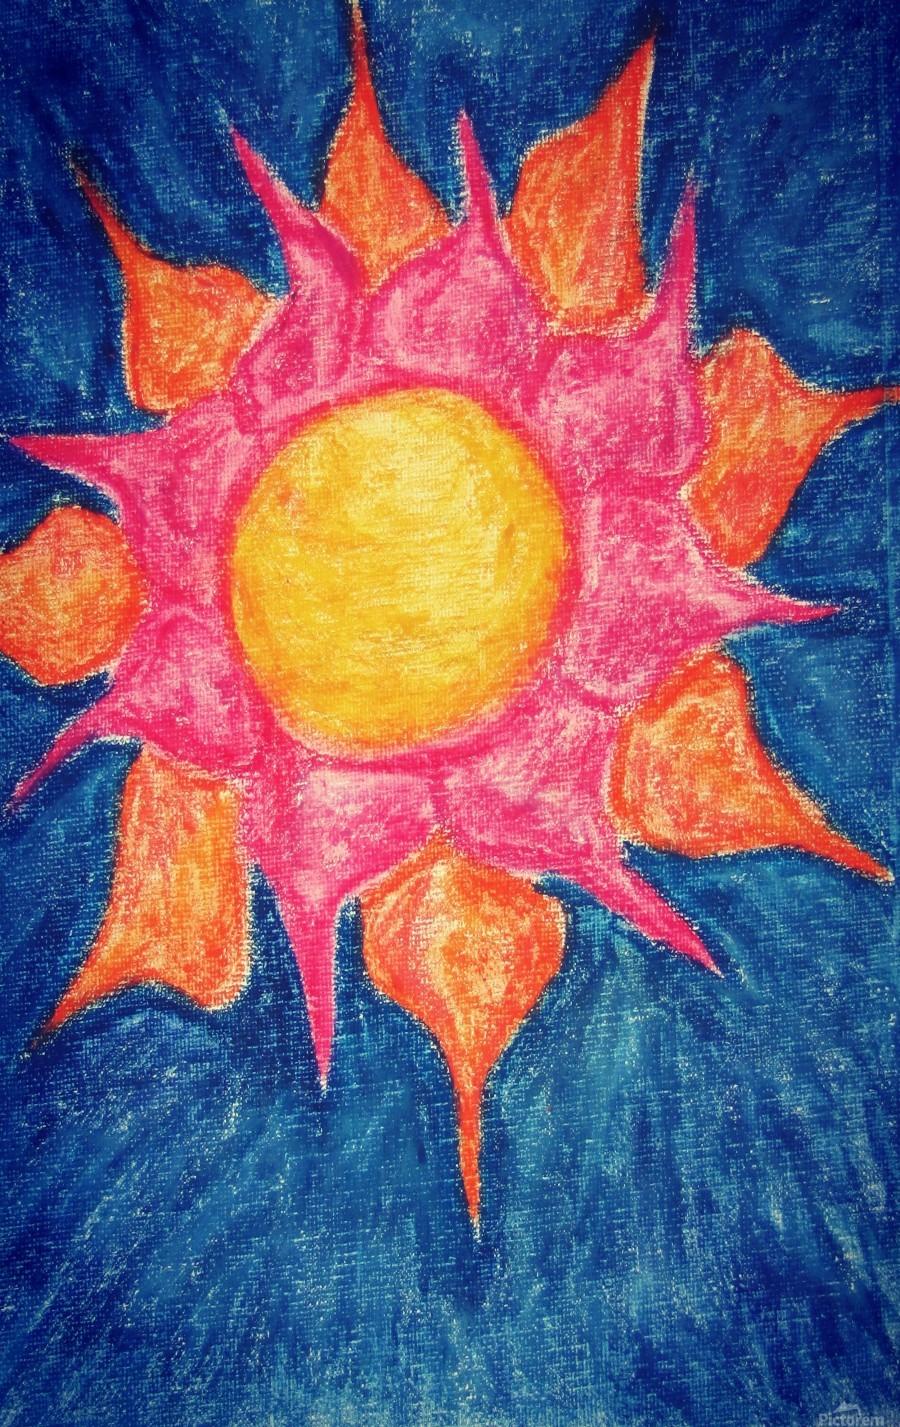 Sun Shiny Day  Print